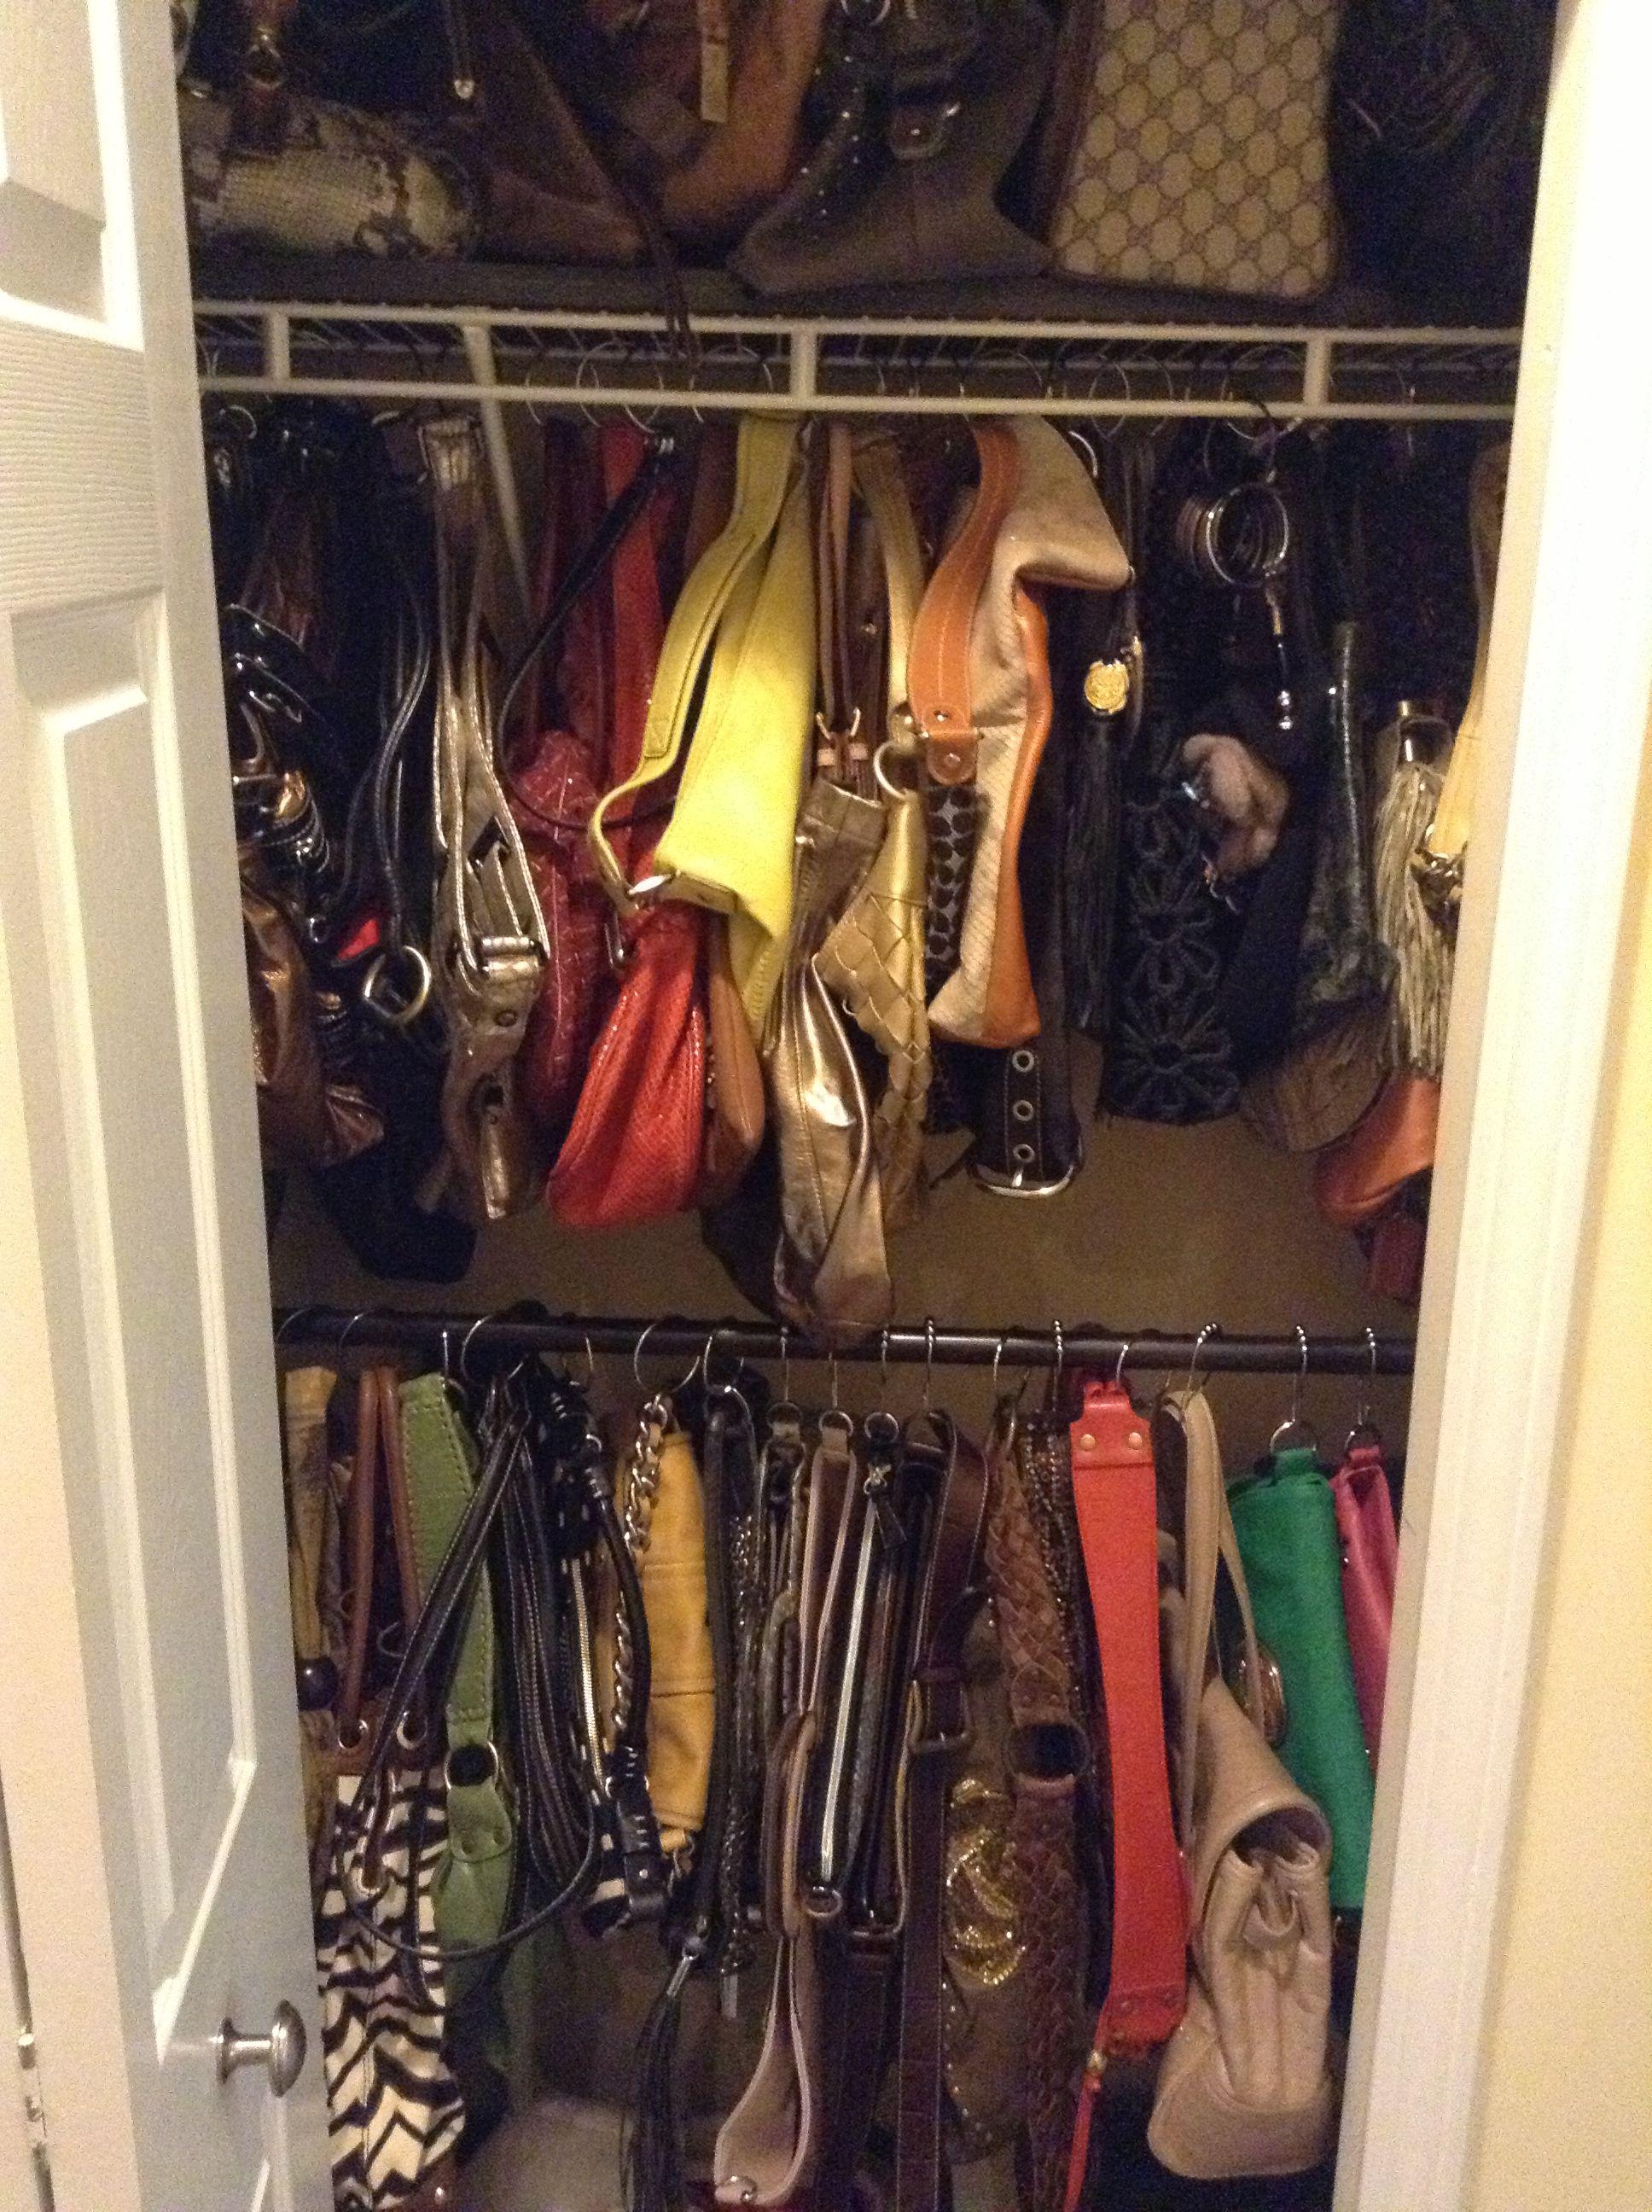 Tiny hallway closet transformed into purse closet using existing ...